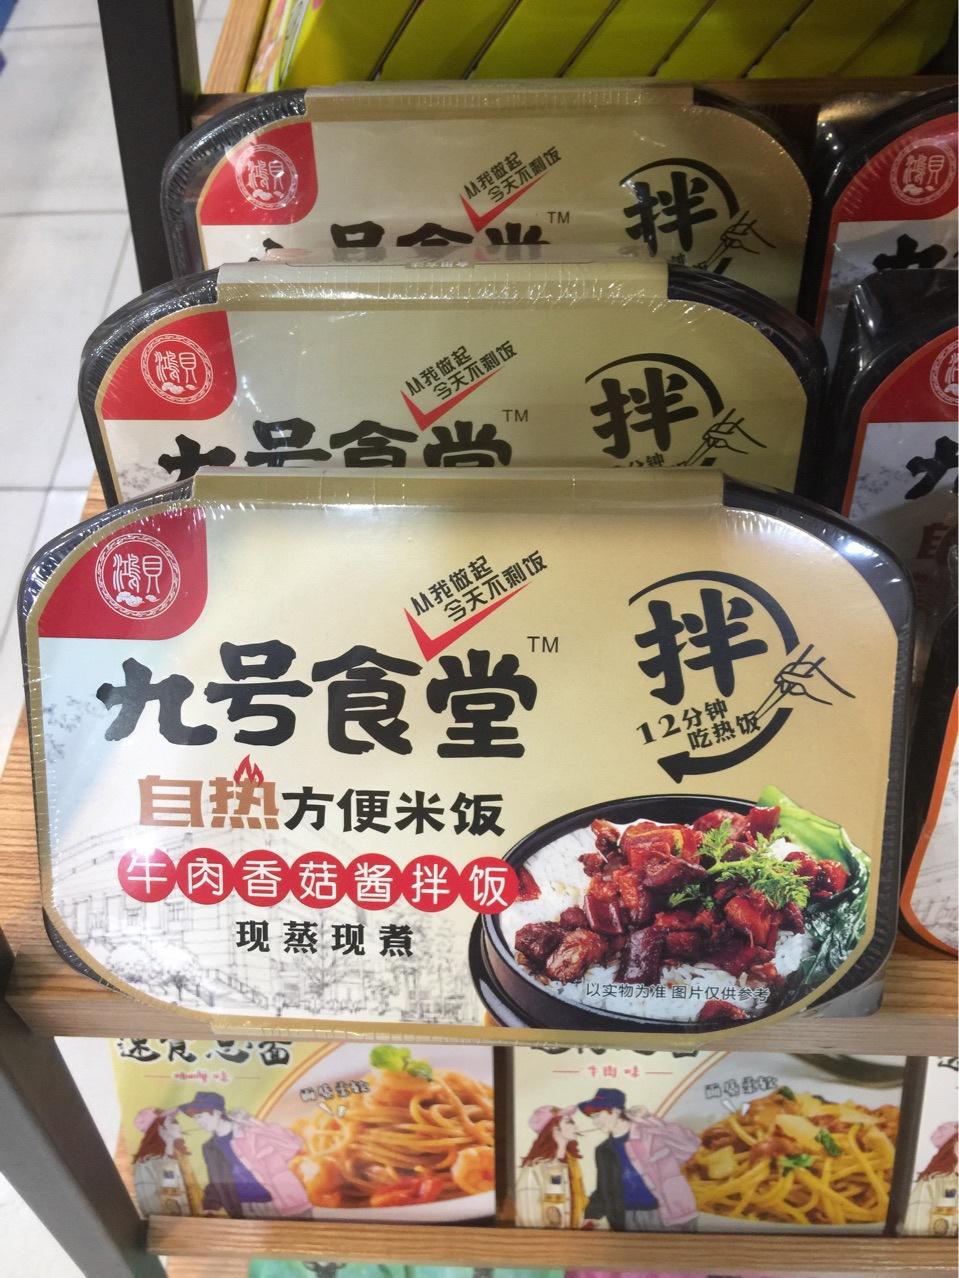 自热方便米饭拌饭九号食堂牛肉香菇酱宫保鸡丁台湾卤肉酱拌饭